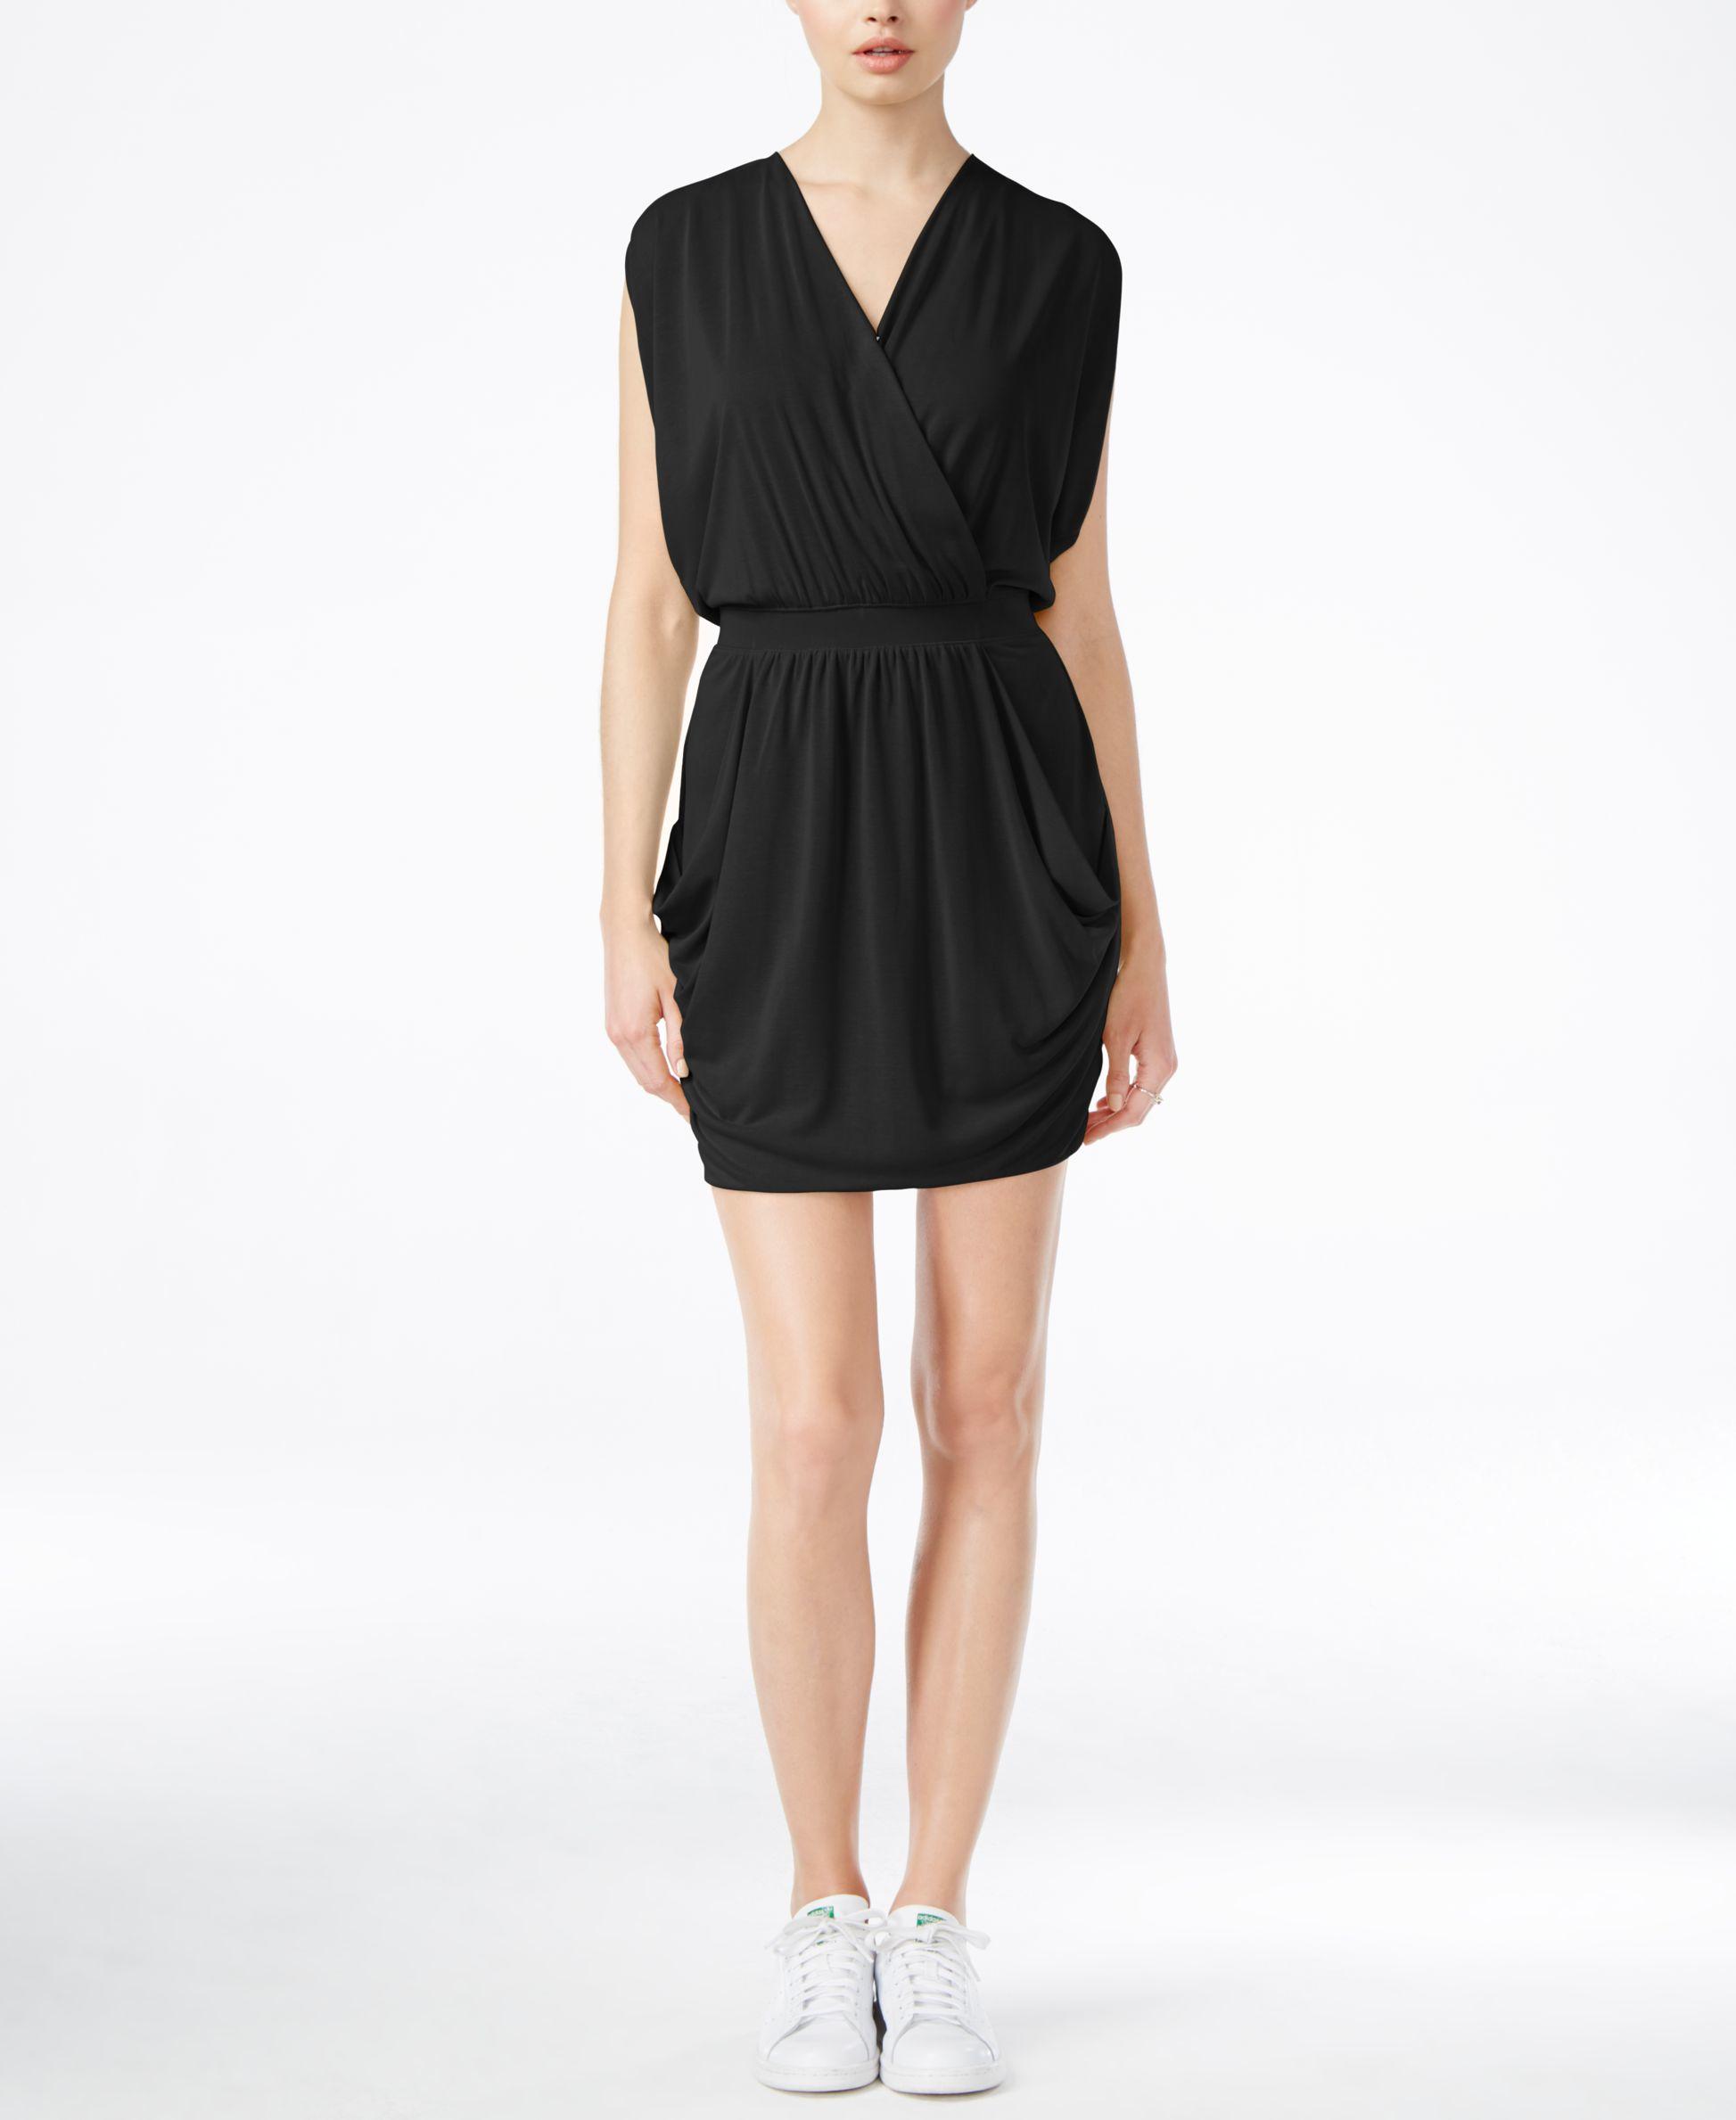 Rachel rachel roy Short-sleeve Faux-wrap Dress in Black